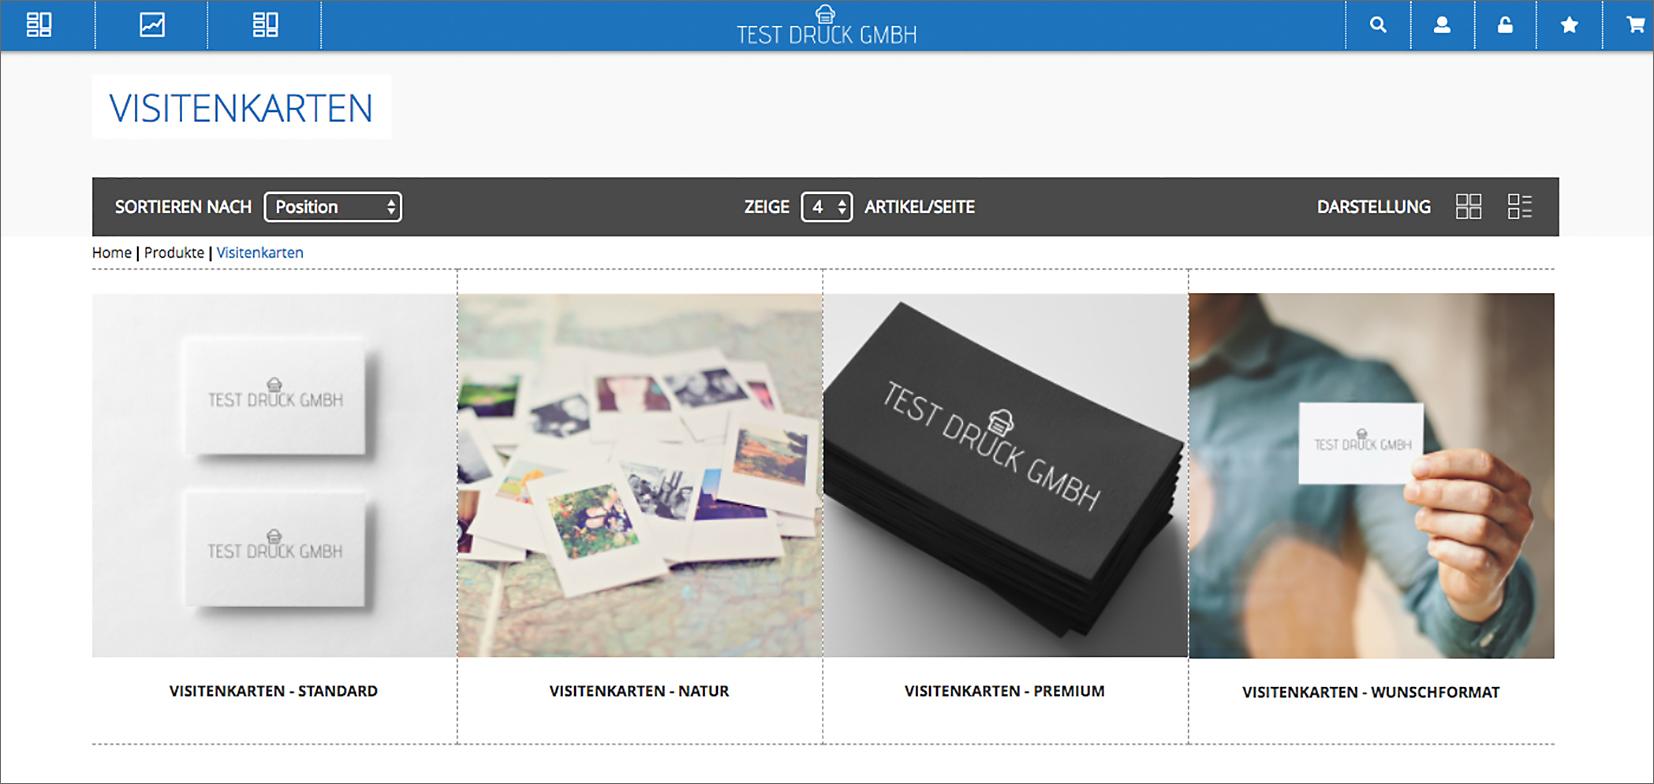 Octoshop Visitenkarten Beyond Print De